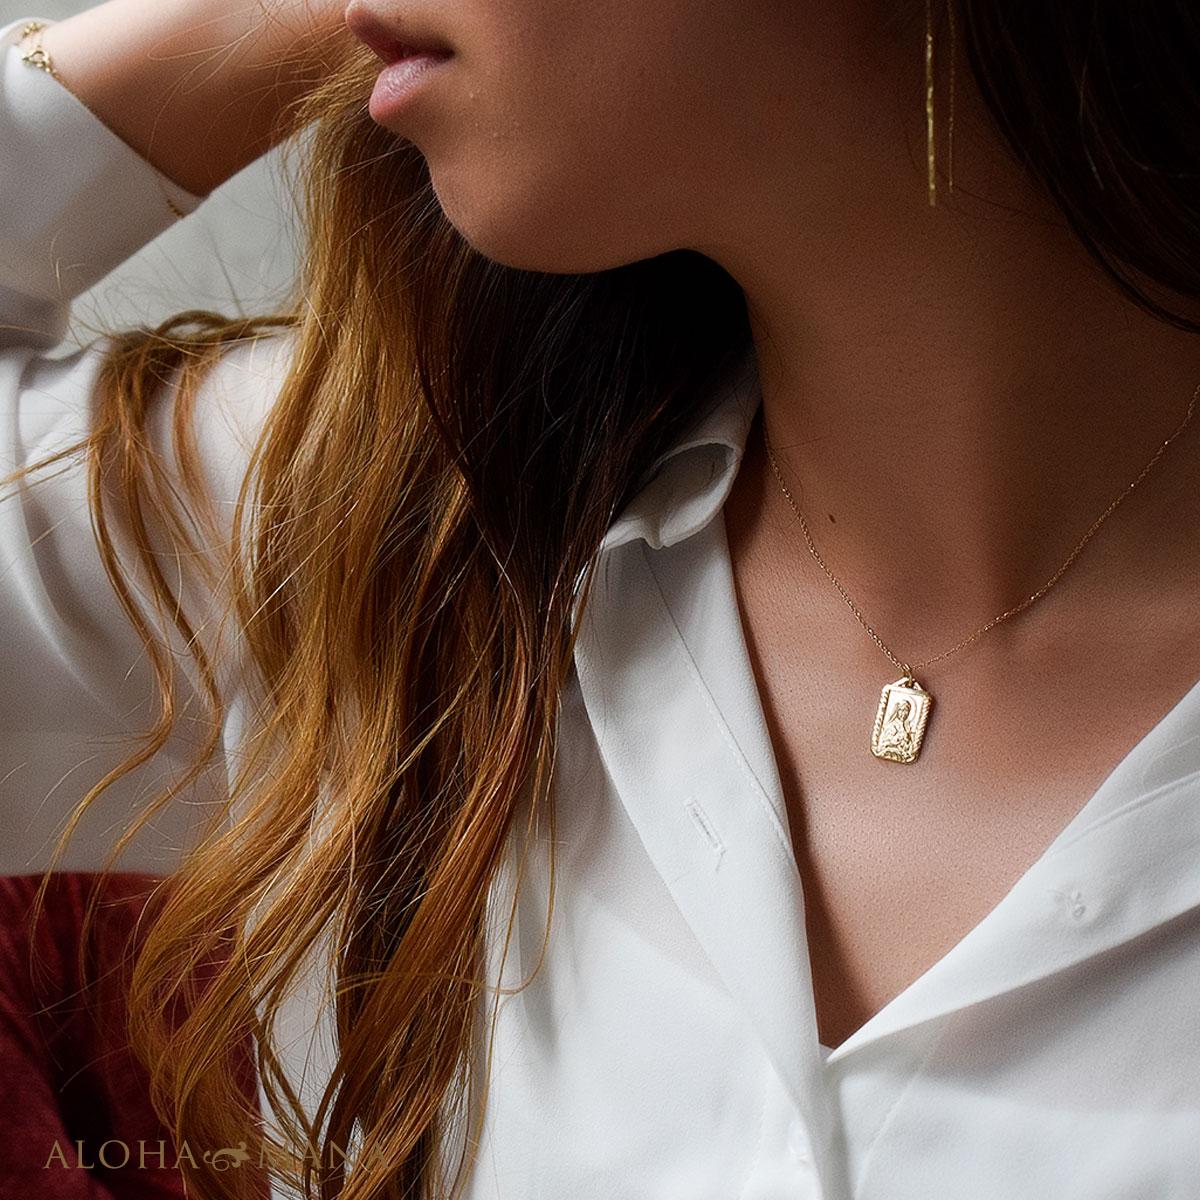 ハワイアンジュエリー ペンダント メダイ K14 ゴールド レディース 14k 14金 ゴールド スクエア メダイ ペンダントトップ (付属チェーンなし)apd1528 プレゼント ギフト gold necklace